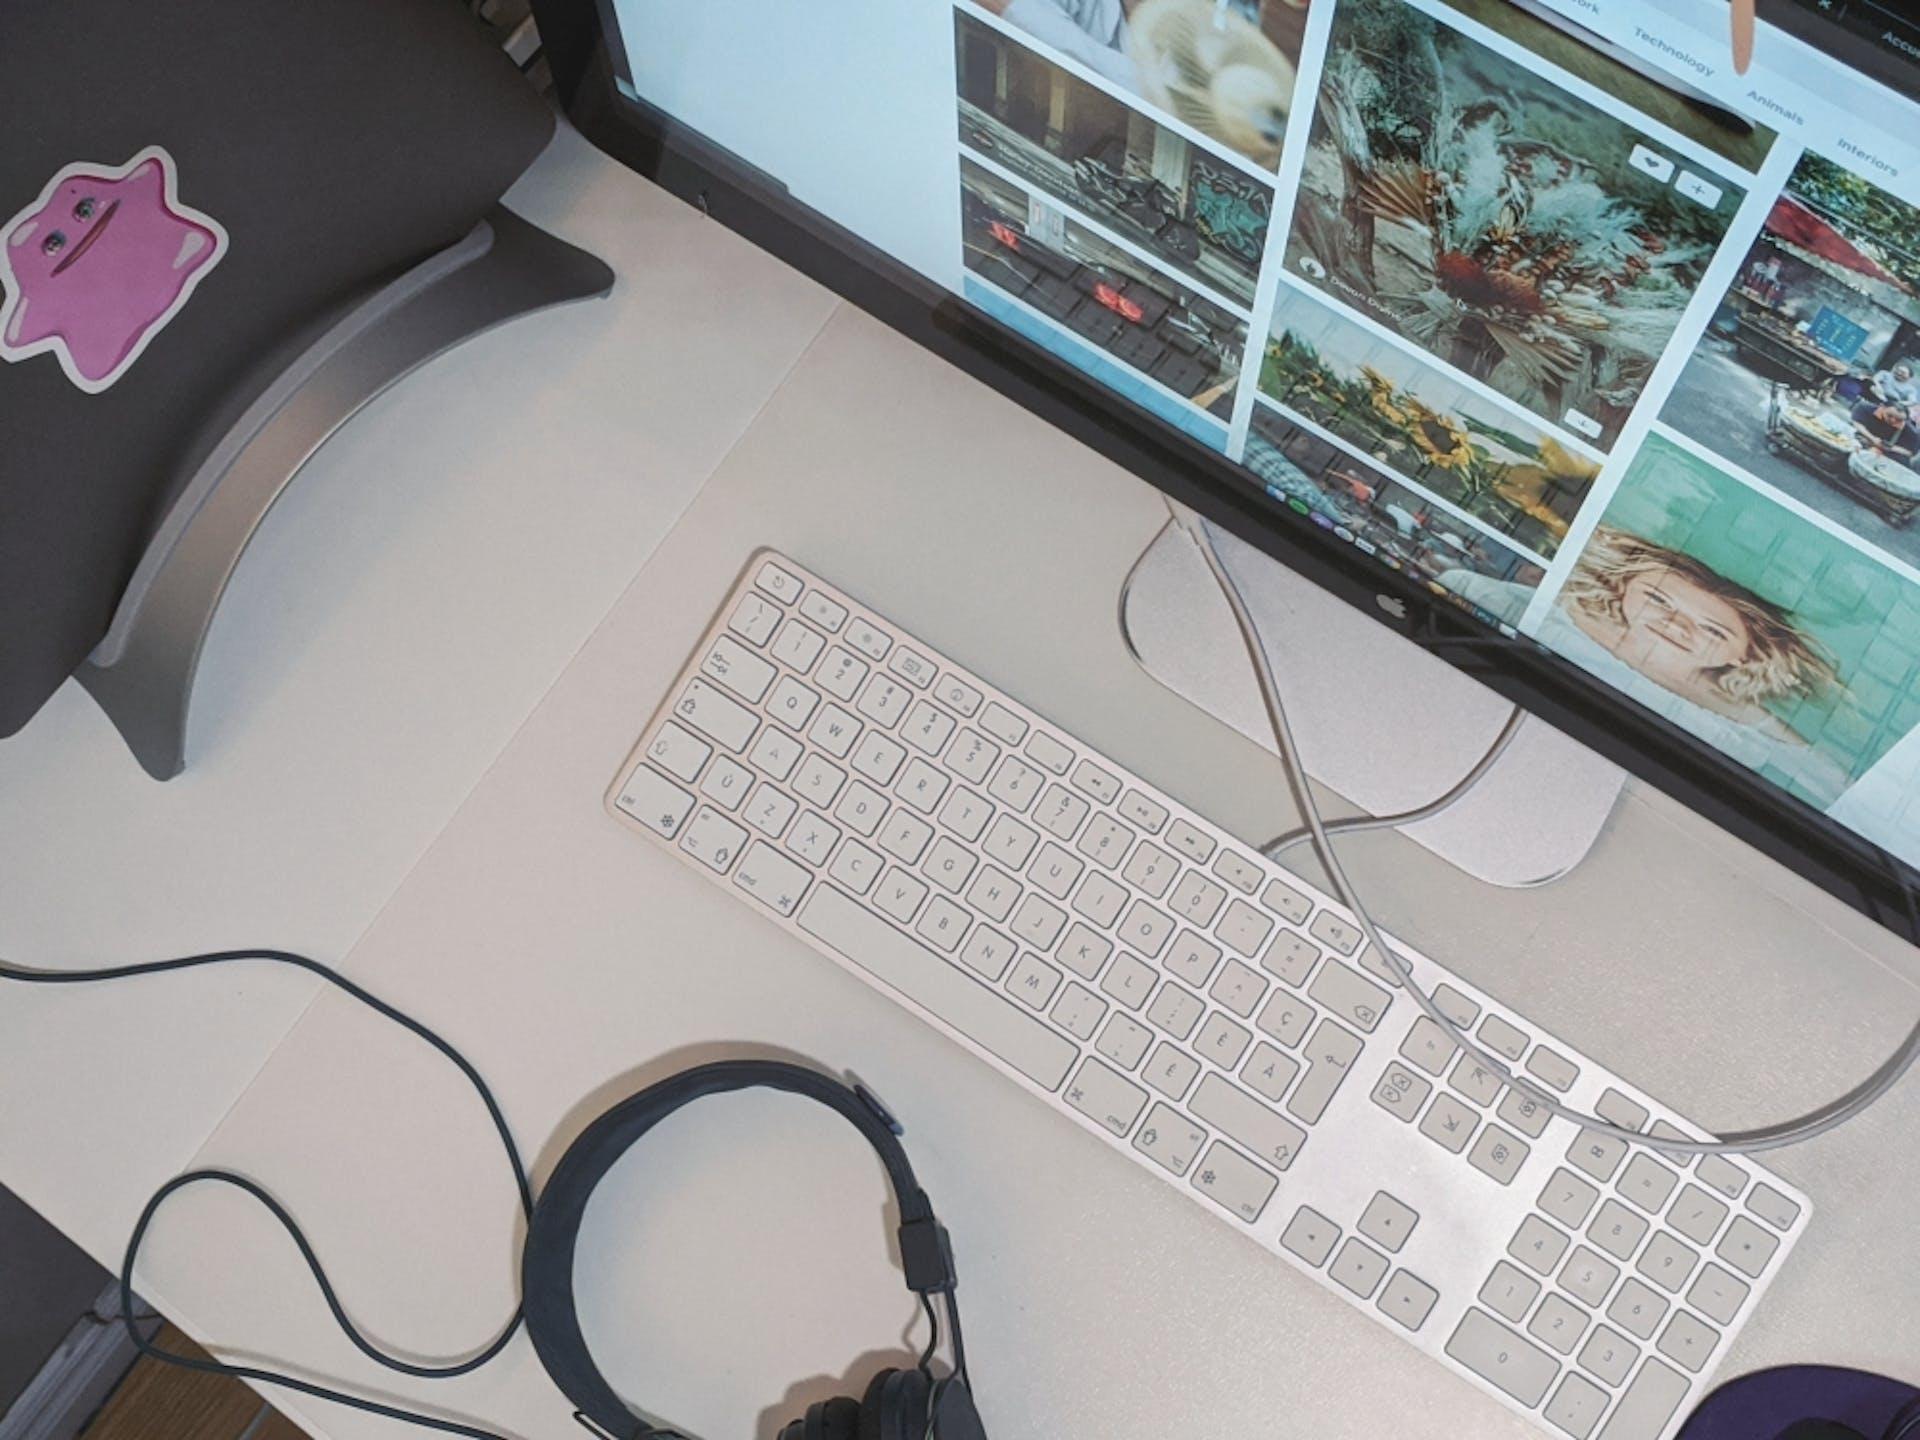 Las mejores plantillas de página web para darle un diseño único a tu sitio